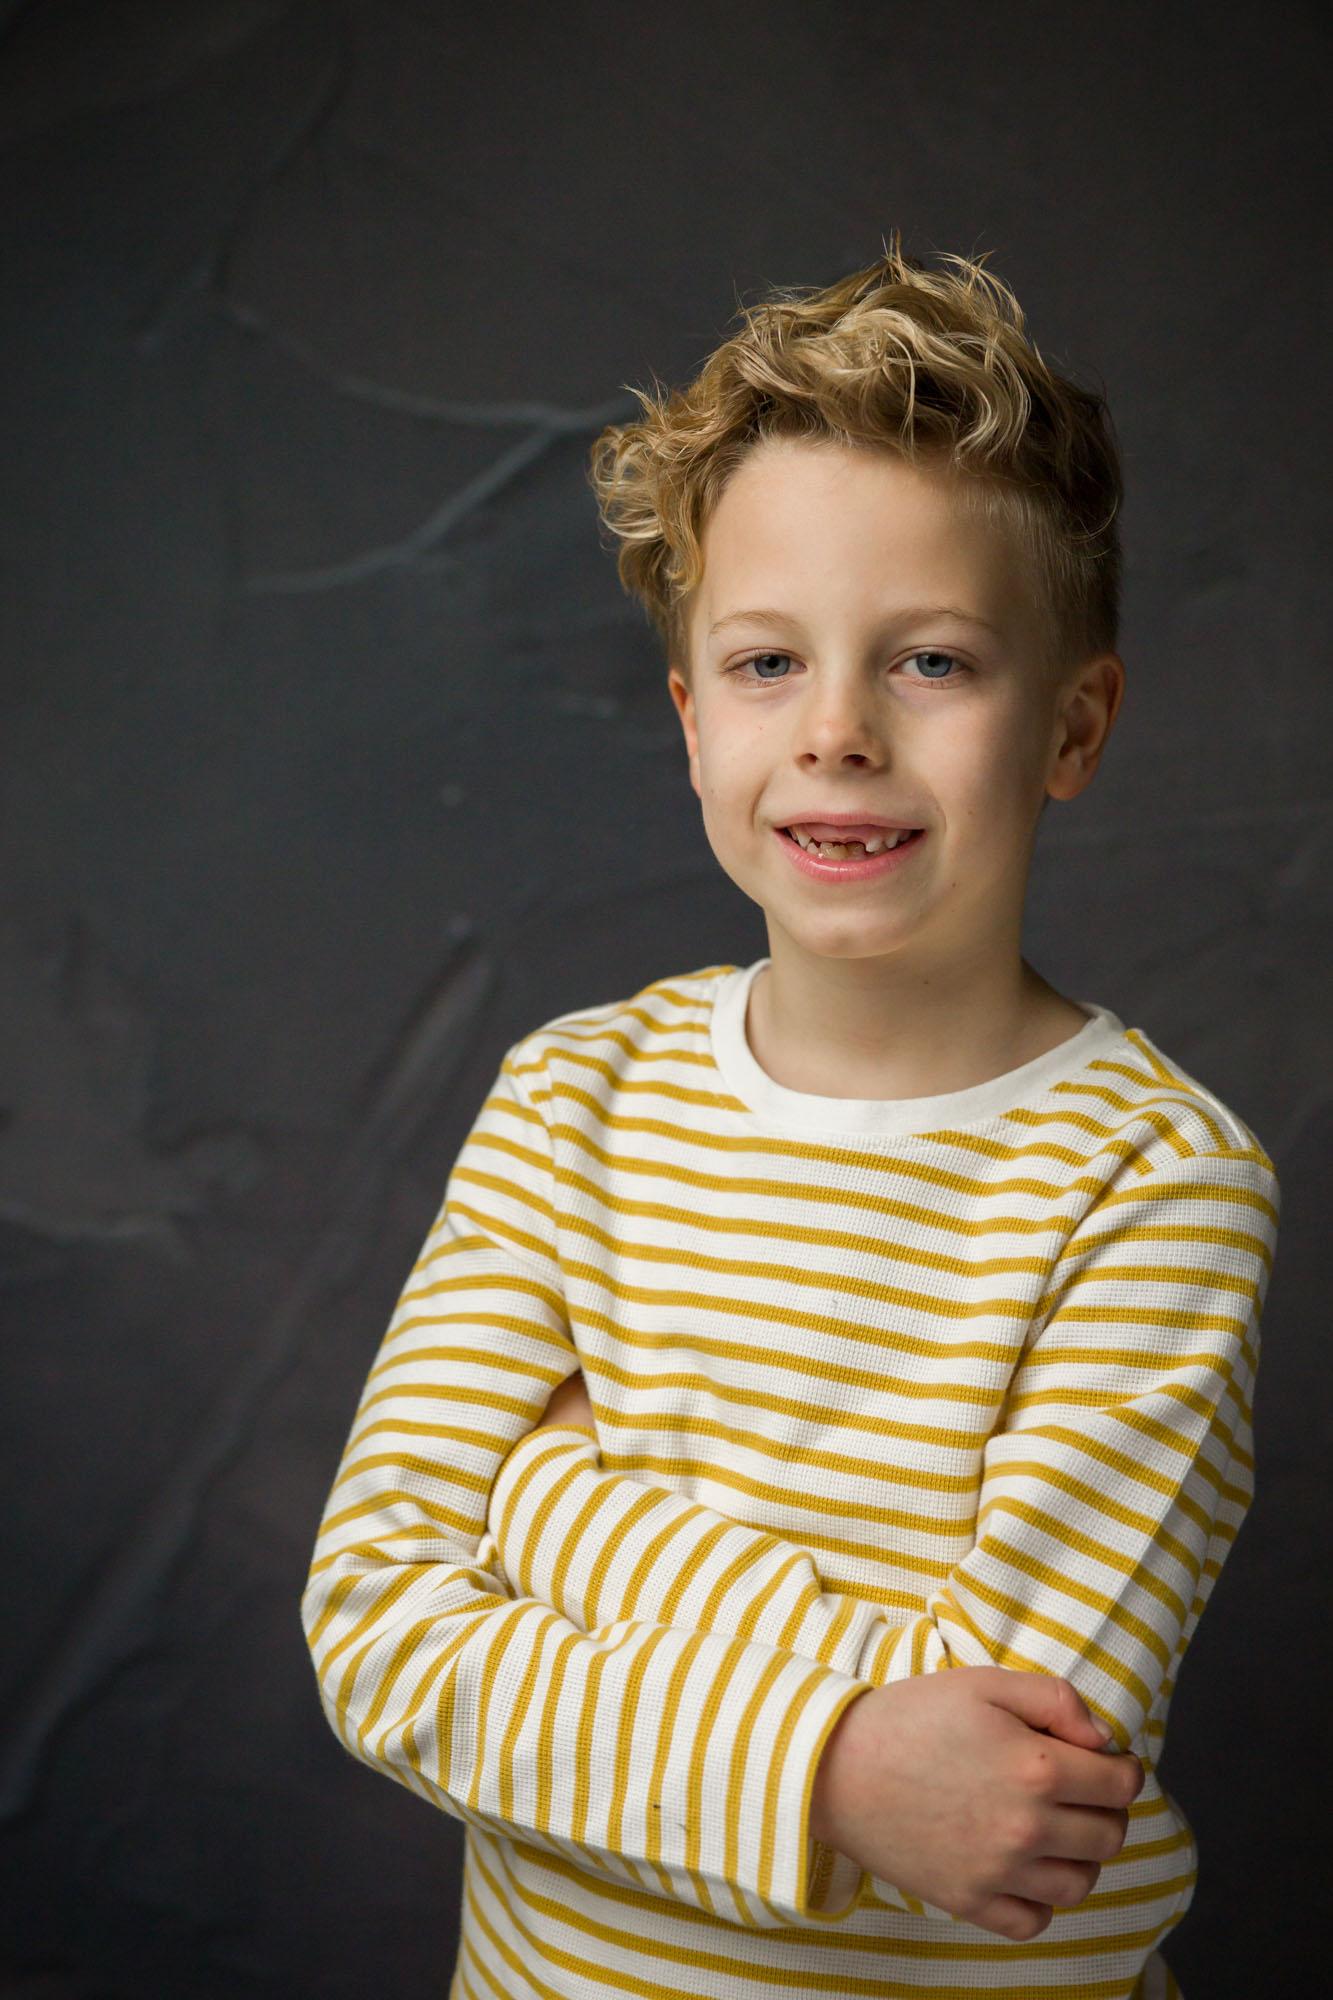 studio portret van blonde lachende jongen met natuurlijk licht door MayraFotografie